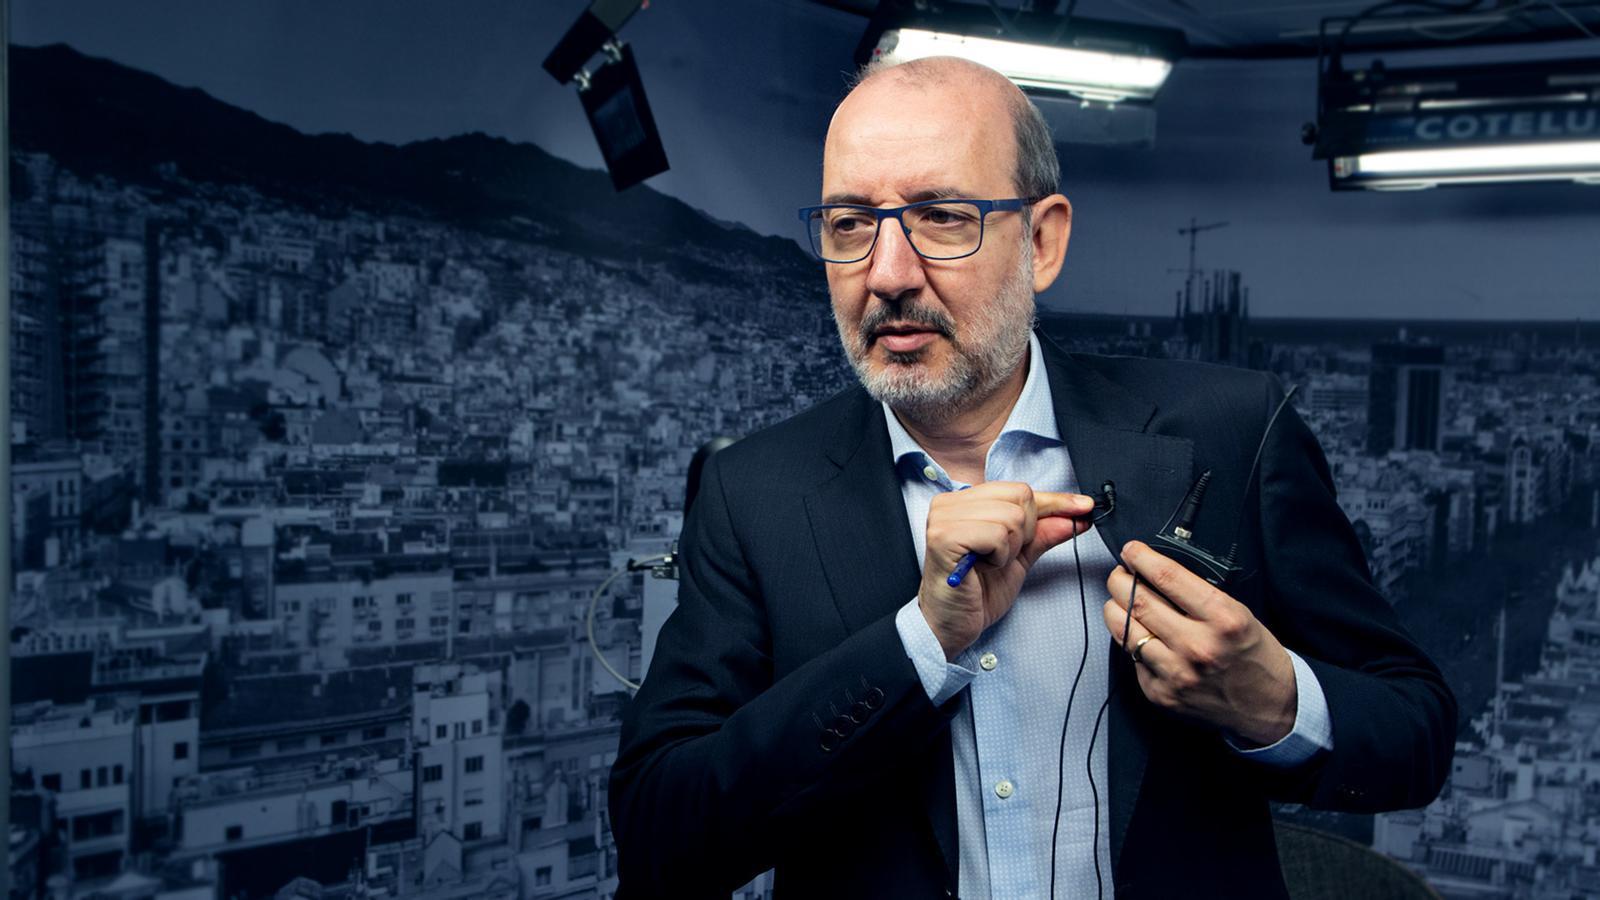 L'anàlisi d'Antoni Bassas: 'Festa pels presos a Palafrugell i el 'Cuéntame' de Casado'